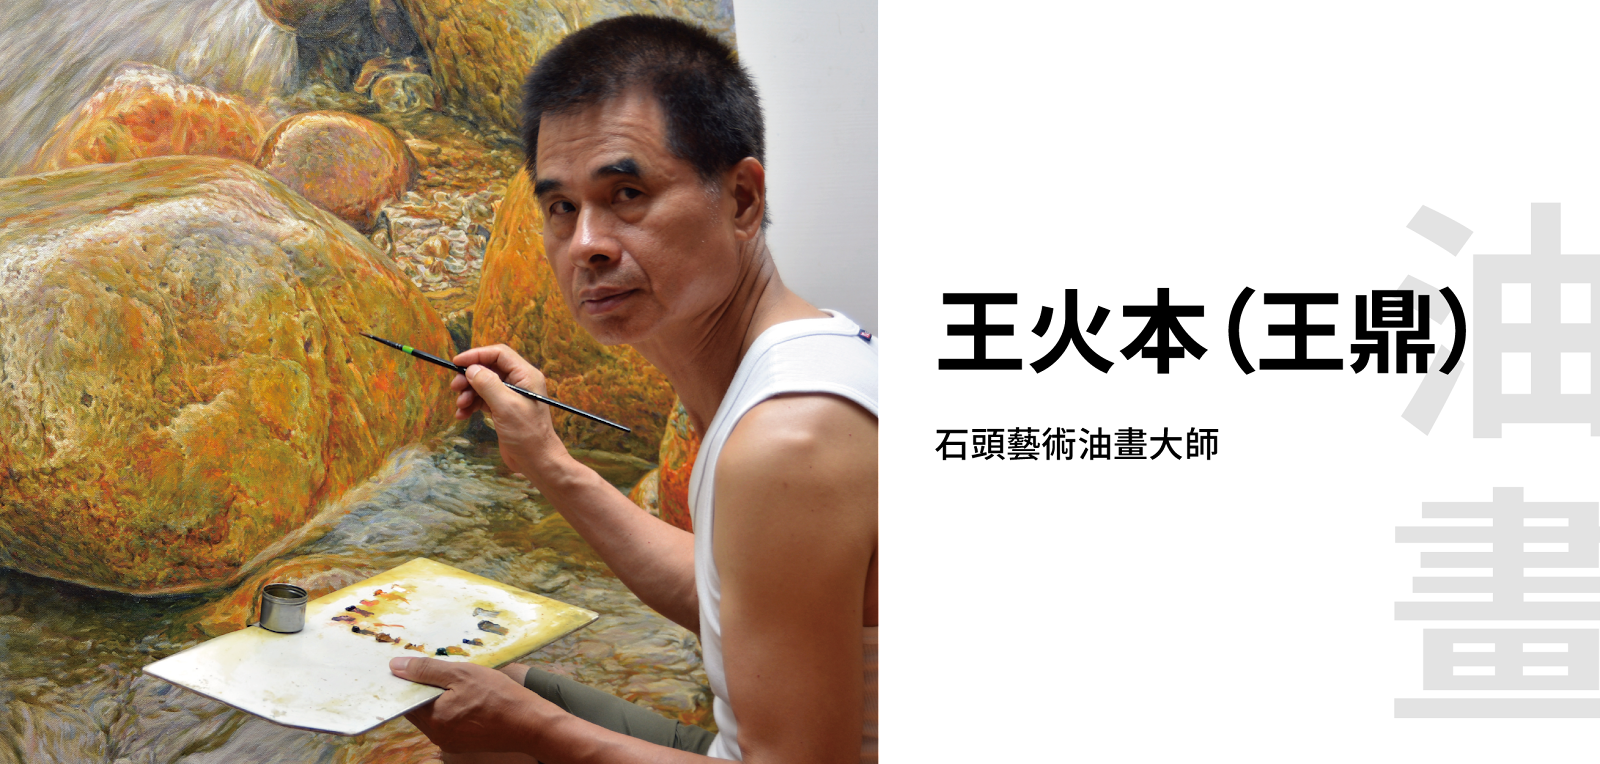 2018新藝術博覽會 王火本-石頭藝術油畫大師